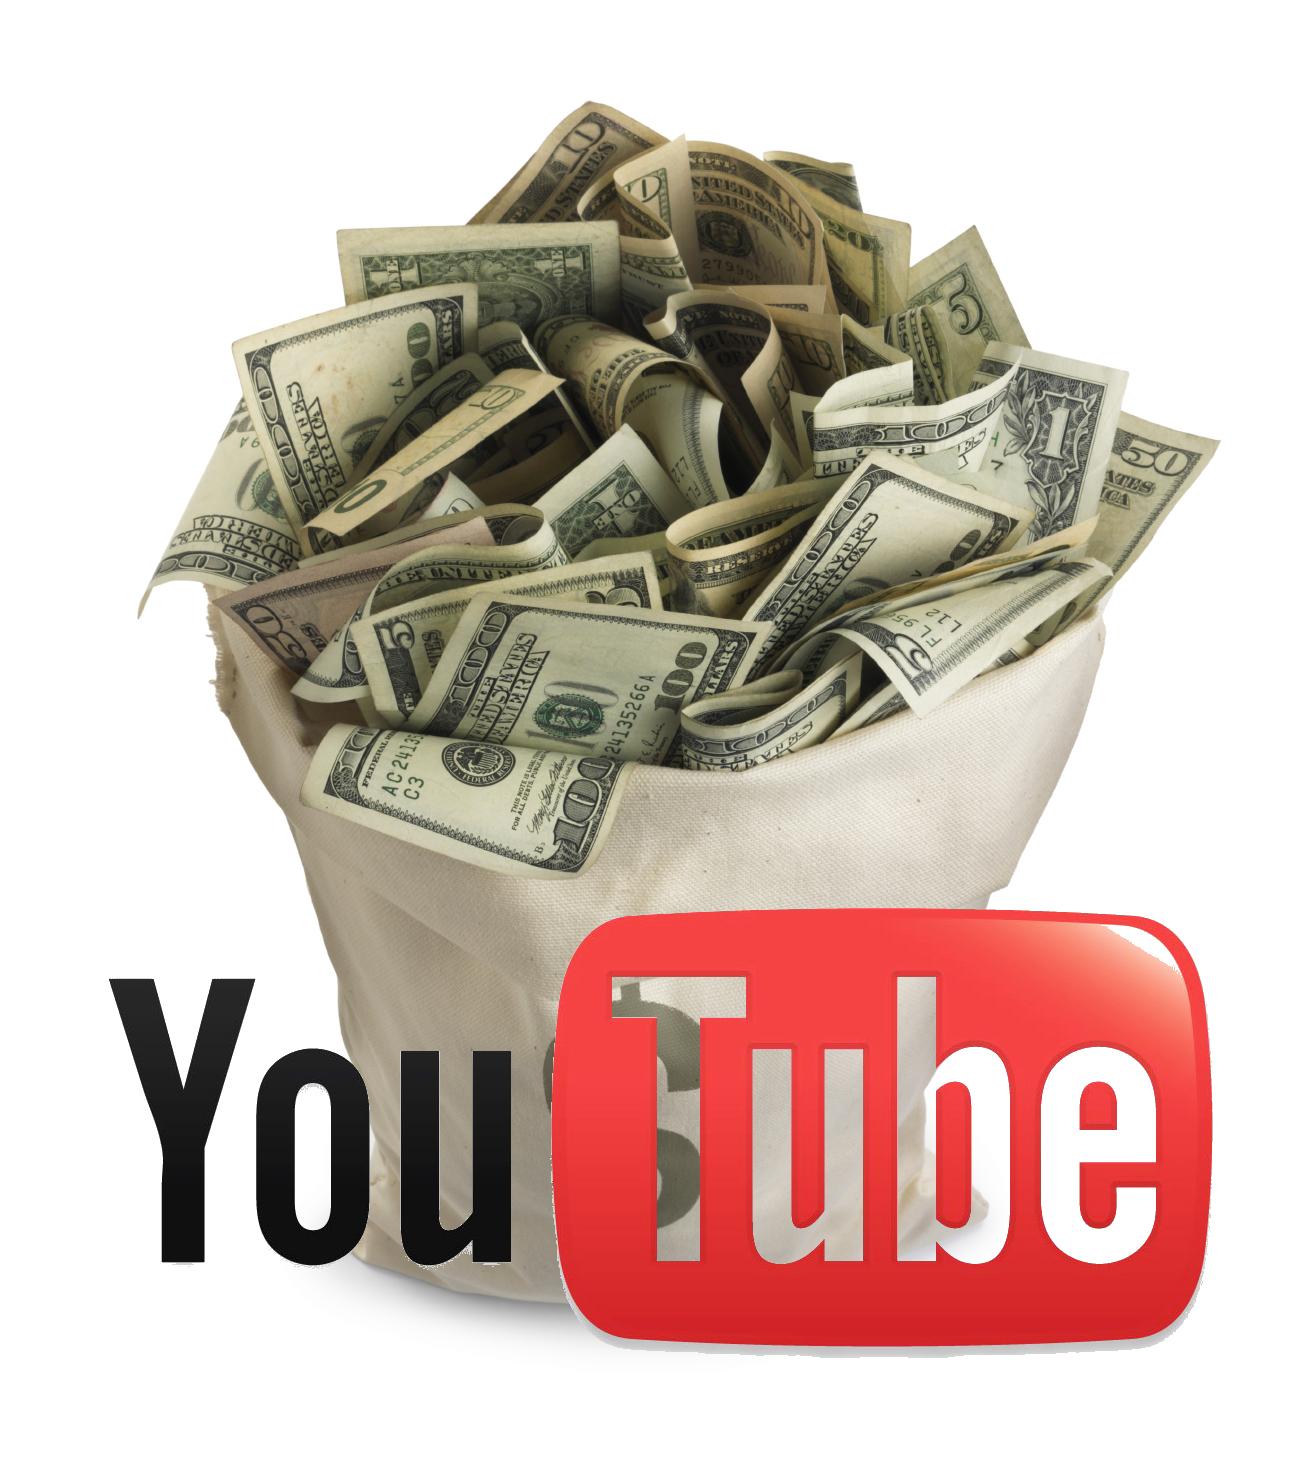 YouTube podría generar 20$ mil millones en ingresos para 2020